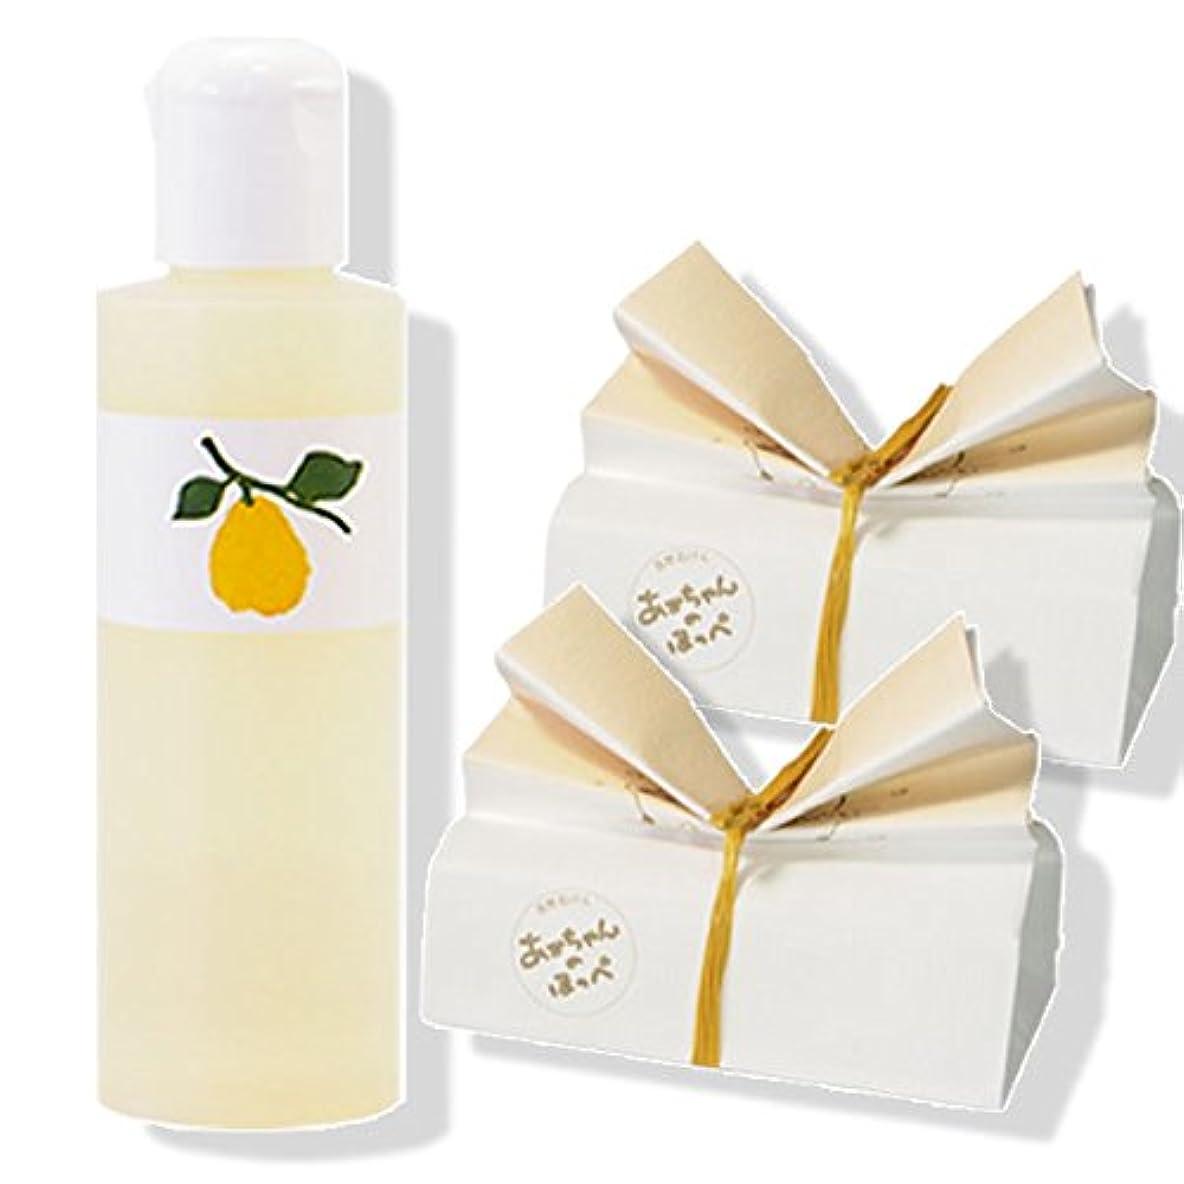 パッドながらすみません「花梨の化粧水」1本 & 「あかちゃんのほっぺ」石鹸 2個セット